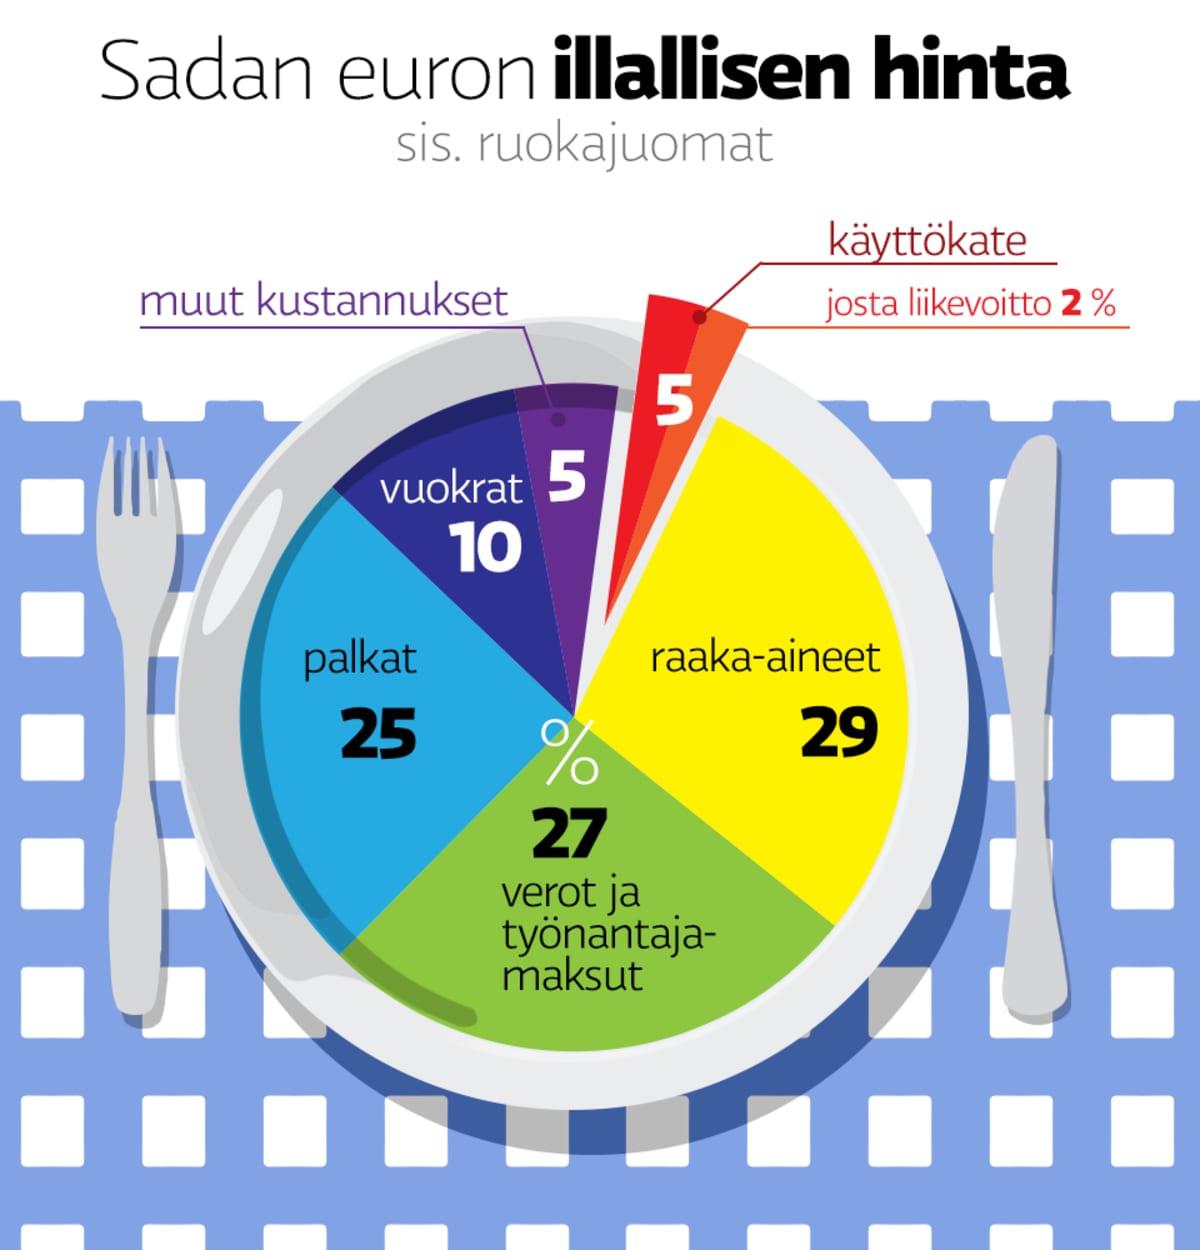 Sadan euron illallisen hinnan jakautuminen eri kustannuksiin.